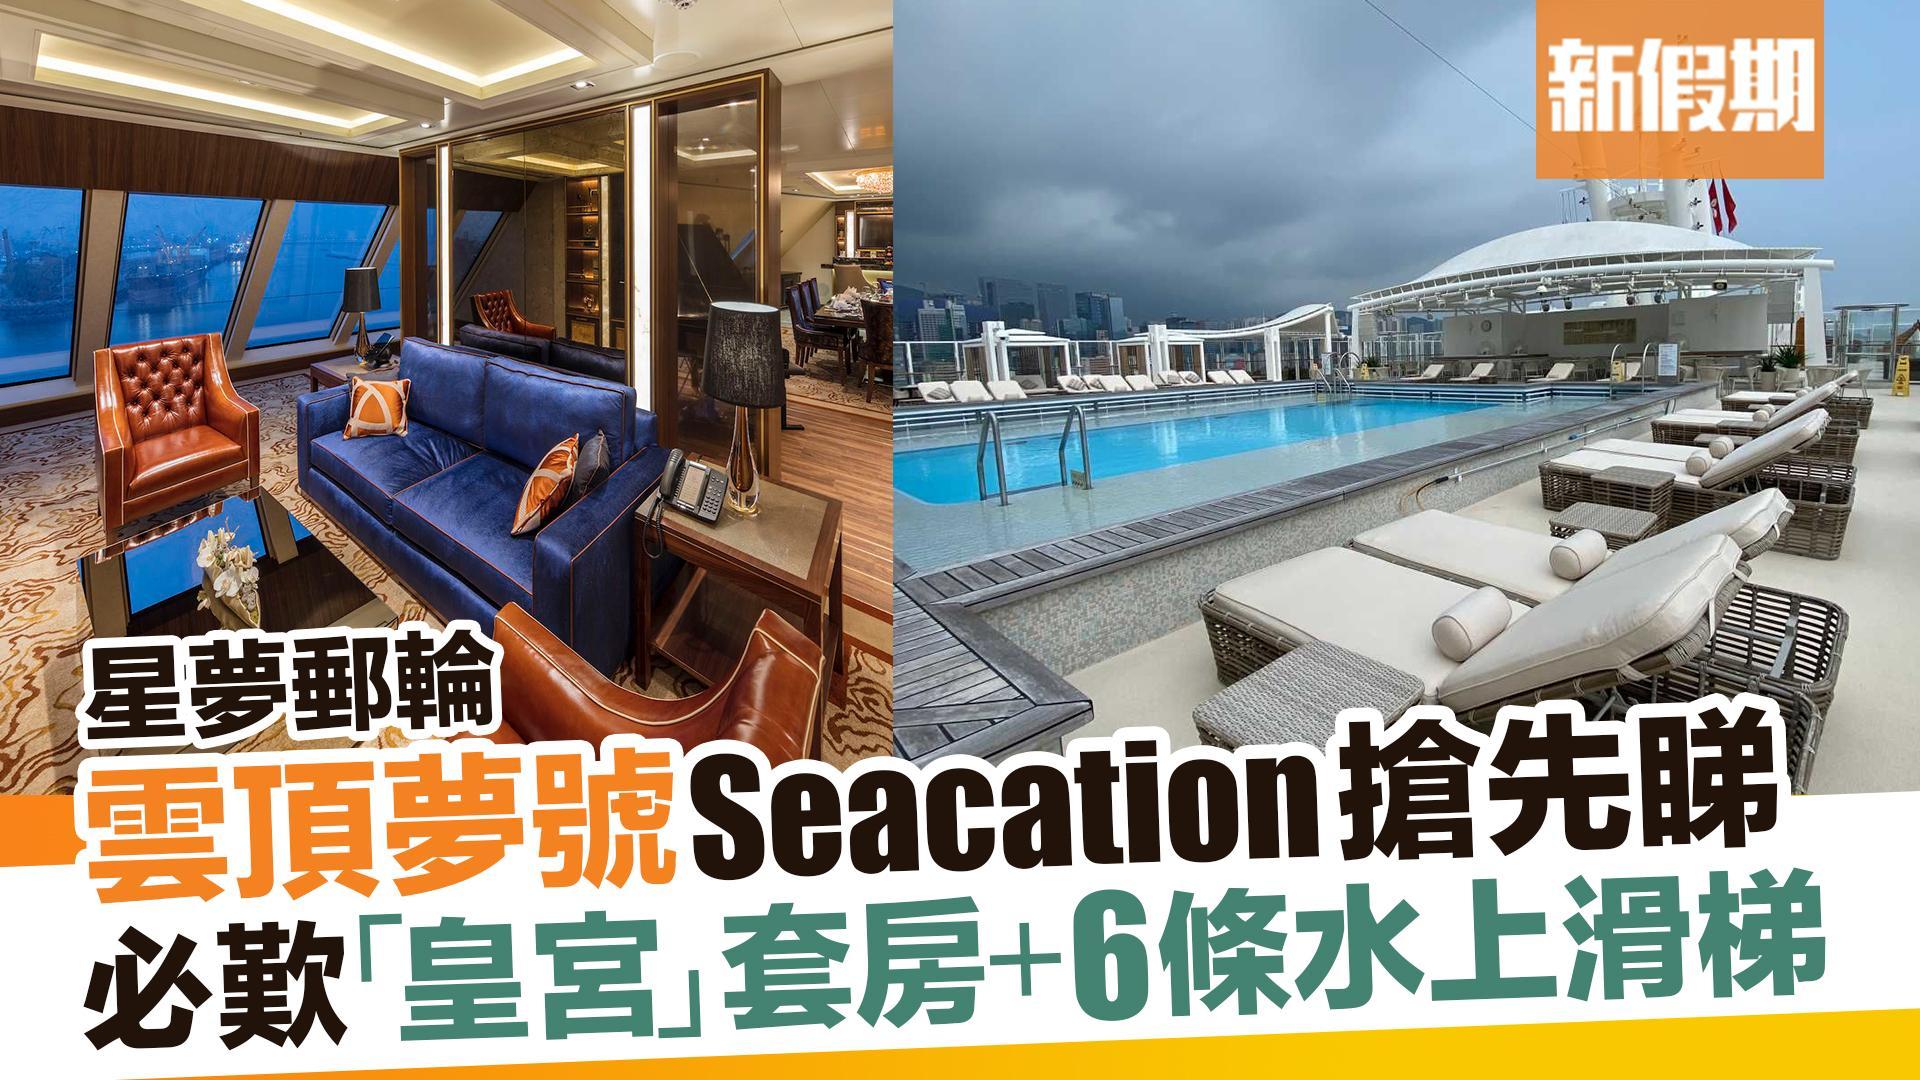 【香港好去處】星夢郵輪雲頂夢號復航在即!The Palace皇宮+水上樂園 新假期